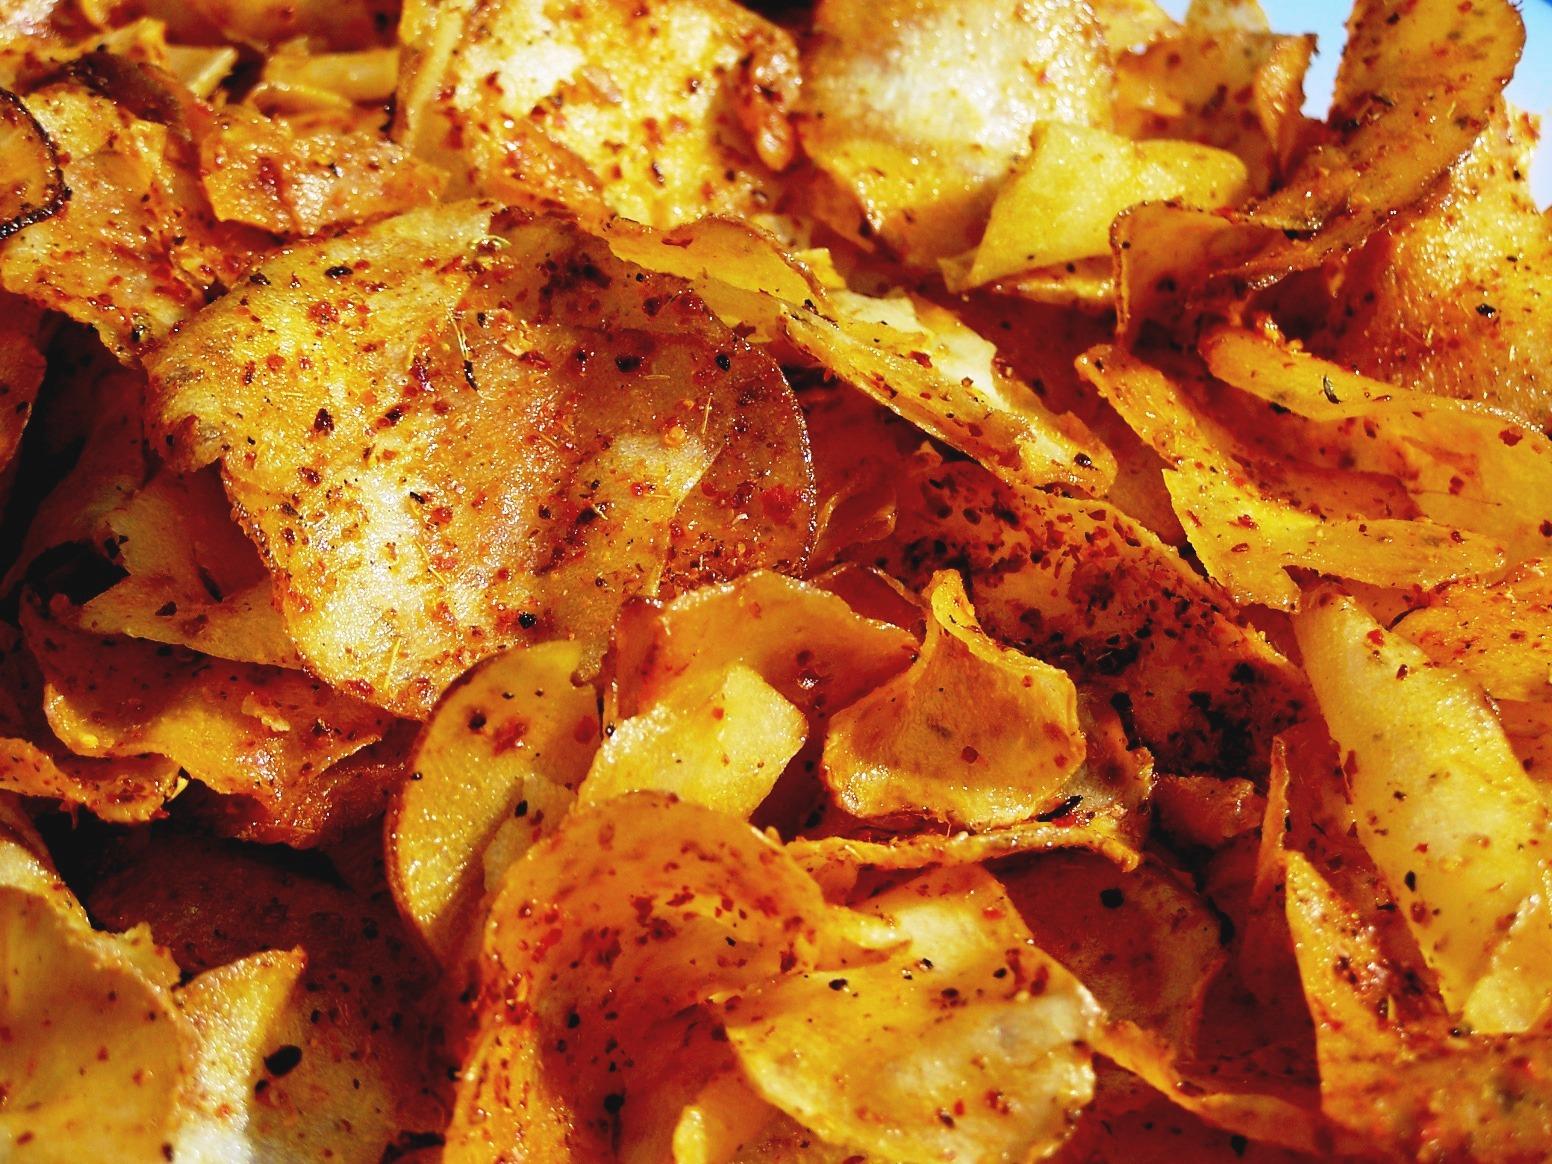 Resep Makanan Ringan dari Singkong - Keripik Singkong Pedas